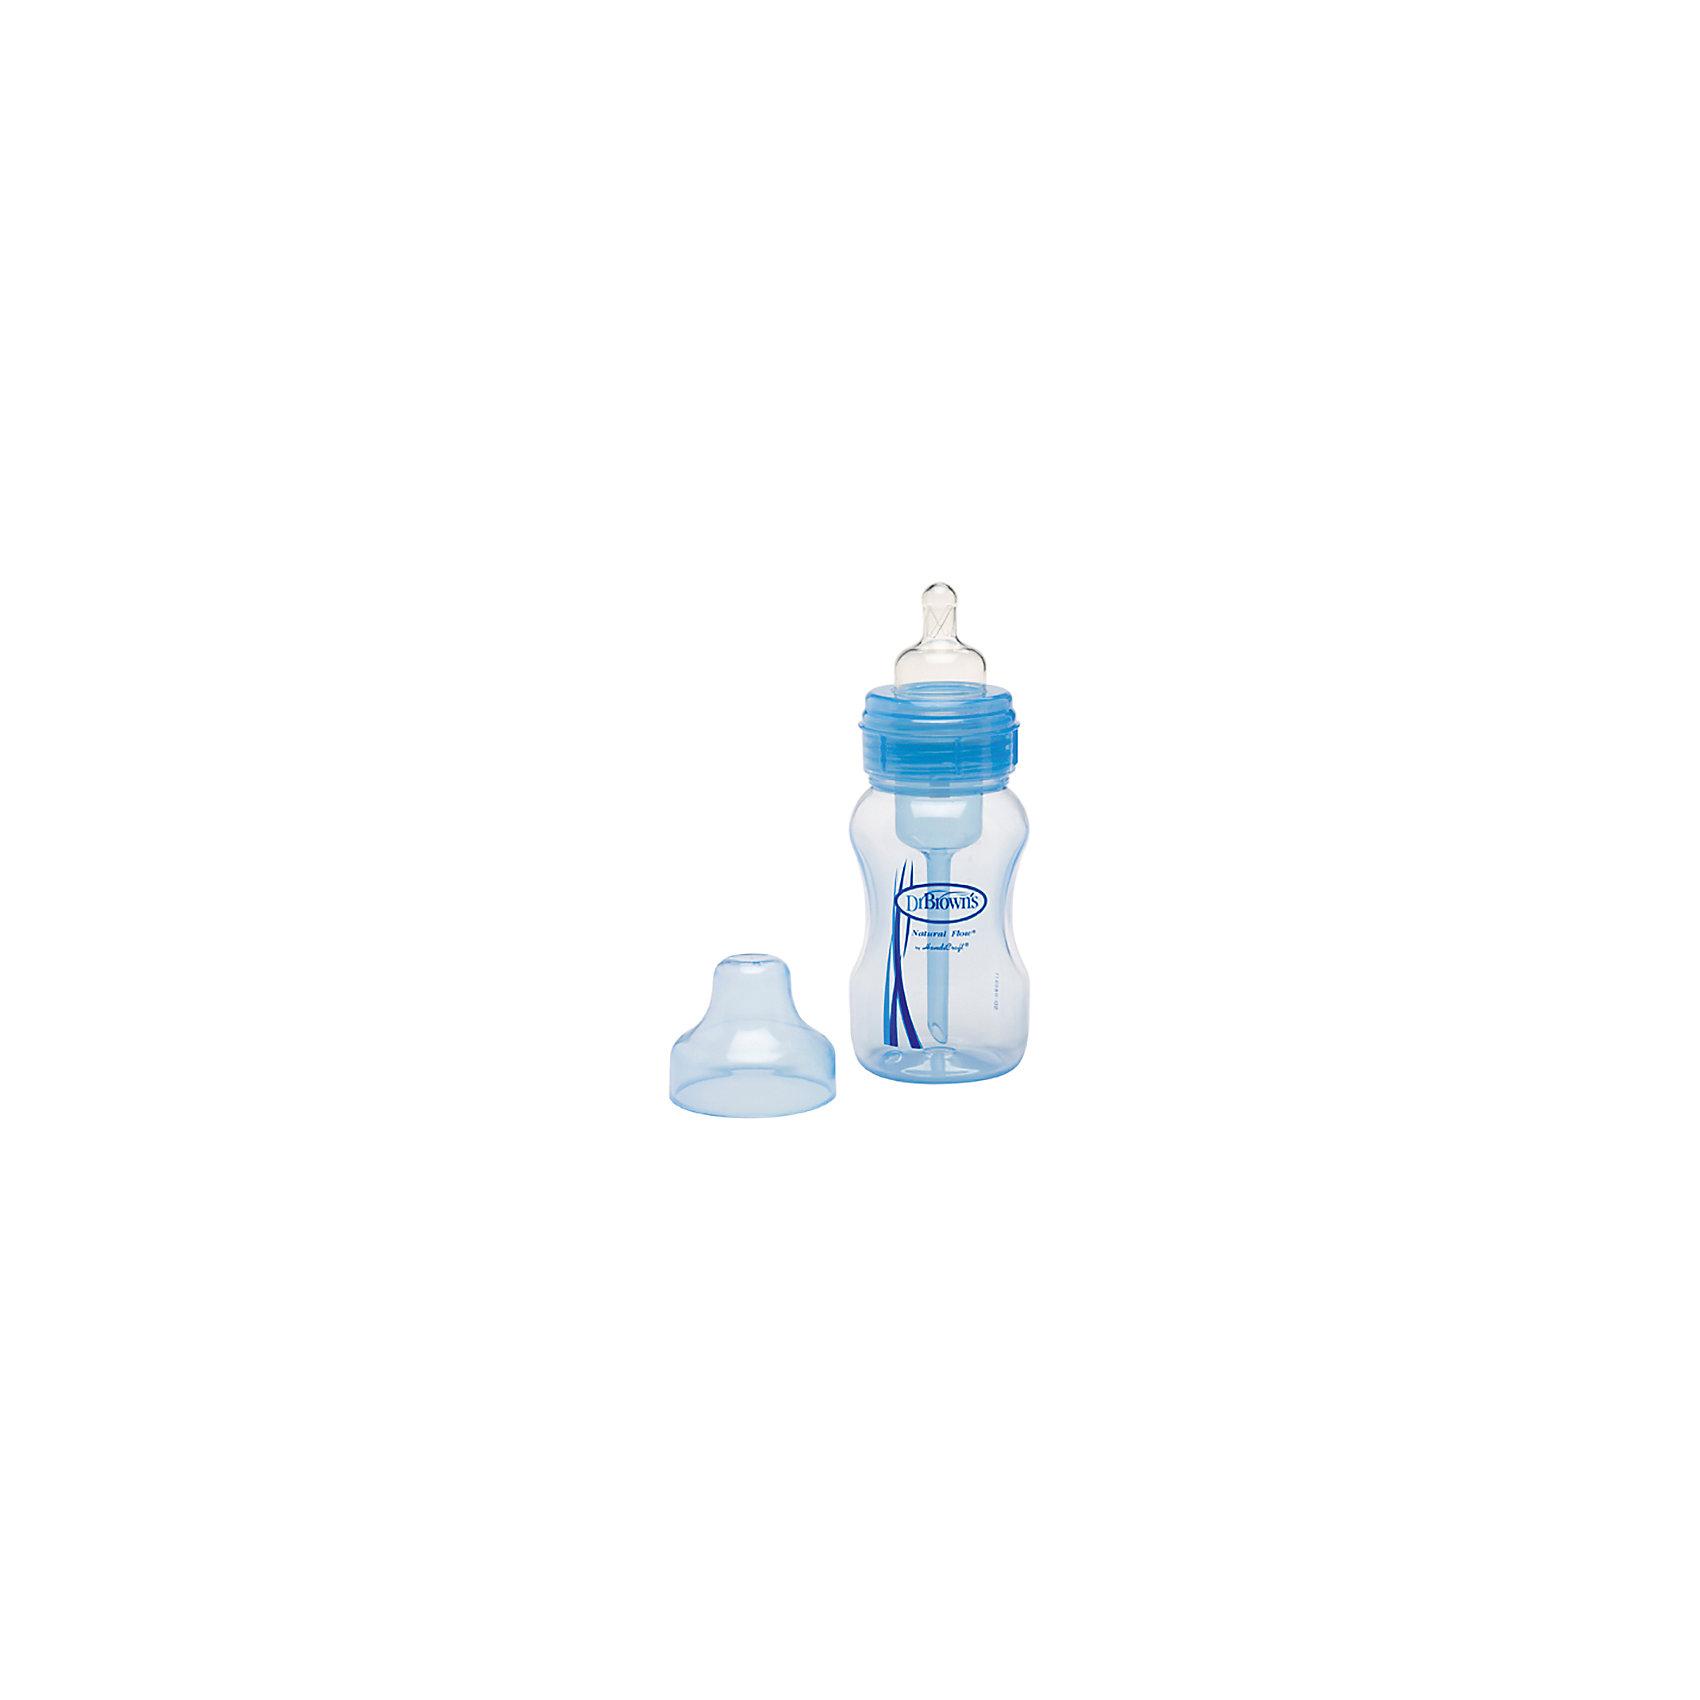 Бутылочка с широким горлышком 240 мл, полипропилен, Dr. Brown, синийБутылочки и аксессуары<br>Это уникальная детская бутылочка, которая при кормлении ребёнка создает эффект аналогичный кормлению материнской грудью. Такая бутылочка прекрасно подойдет для мамочек сочетающих грудное и искусственное вскармливание. А уникальная вентиляционная система бутылочки позволяет снизить вероятность колик, срыгивания и газов.<br><br>Дополнительная информация:<br><br>- 1 бутылочка.<br>- 1 соска уровень 1.<br>- Ёршик для чистки вентиляционной системы.<br>-  Объем: 240 мл.<br>- Материал: полипропилен, силикон.<br>- Цвет: синий.<br><br>Купить бутылочку с широким горлышком в синем цвете 240 мл., от Dr. Brown, можно в нашем магазине.<br><br>Ширина мм: 70<br>Глубина мм: 70<br>Высота мм: 227<br>Вес г: 154<br>Возраст от месяцев: -2147483648<br>Возраст до месяцев: 2147483647<br>Пол: Унисекс<br>Возраст: Детский<br>SKU: 4796745